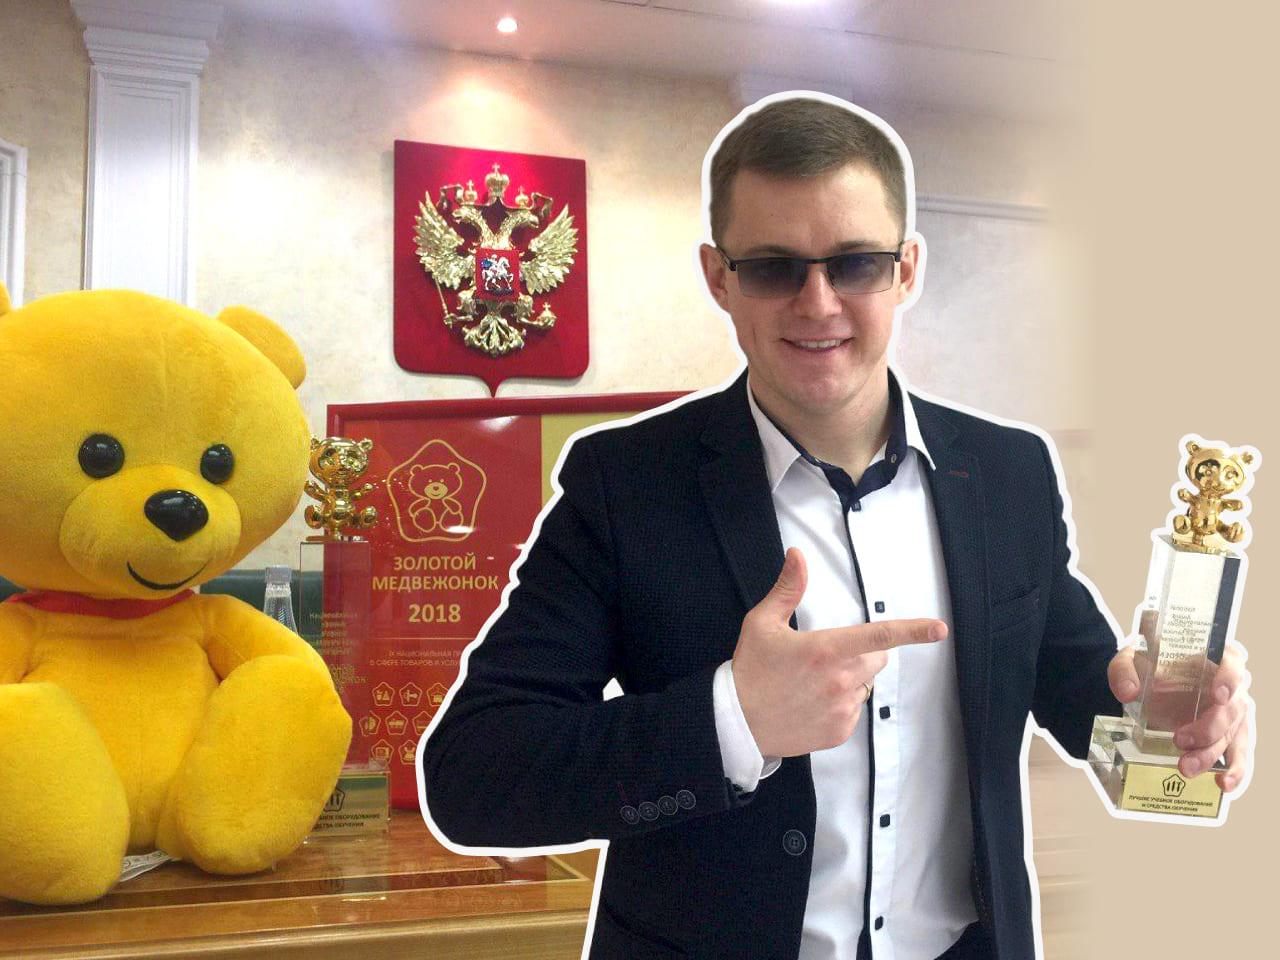 Награда метеоплощадки Умнички - Золотой Медвежонок